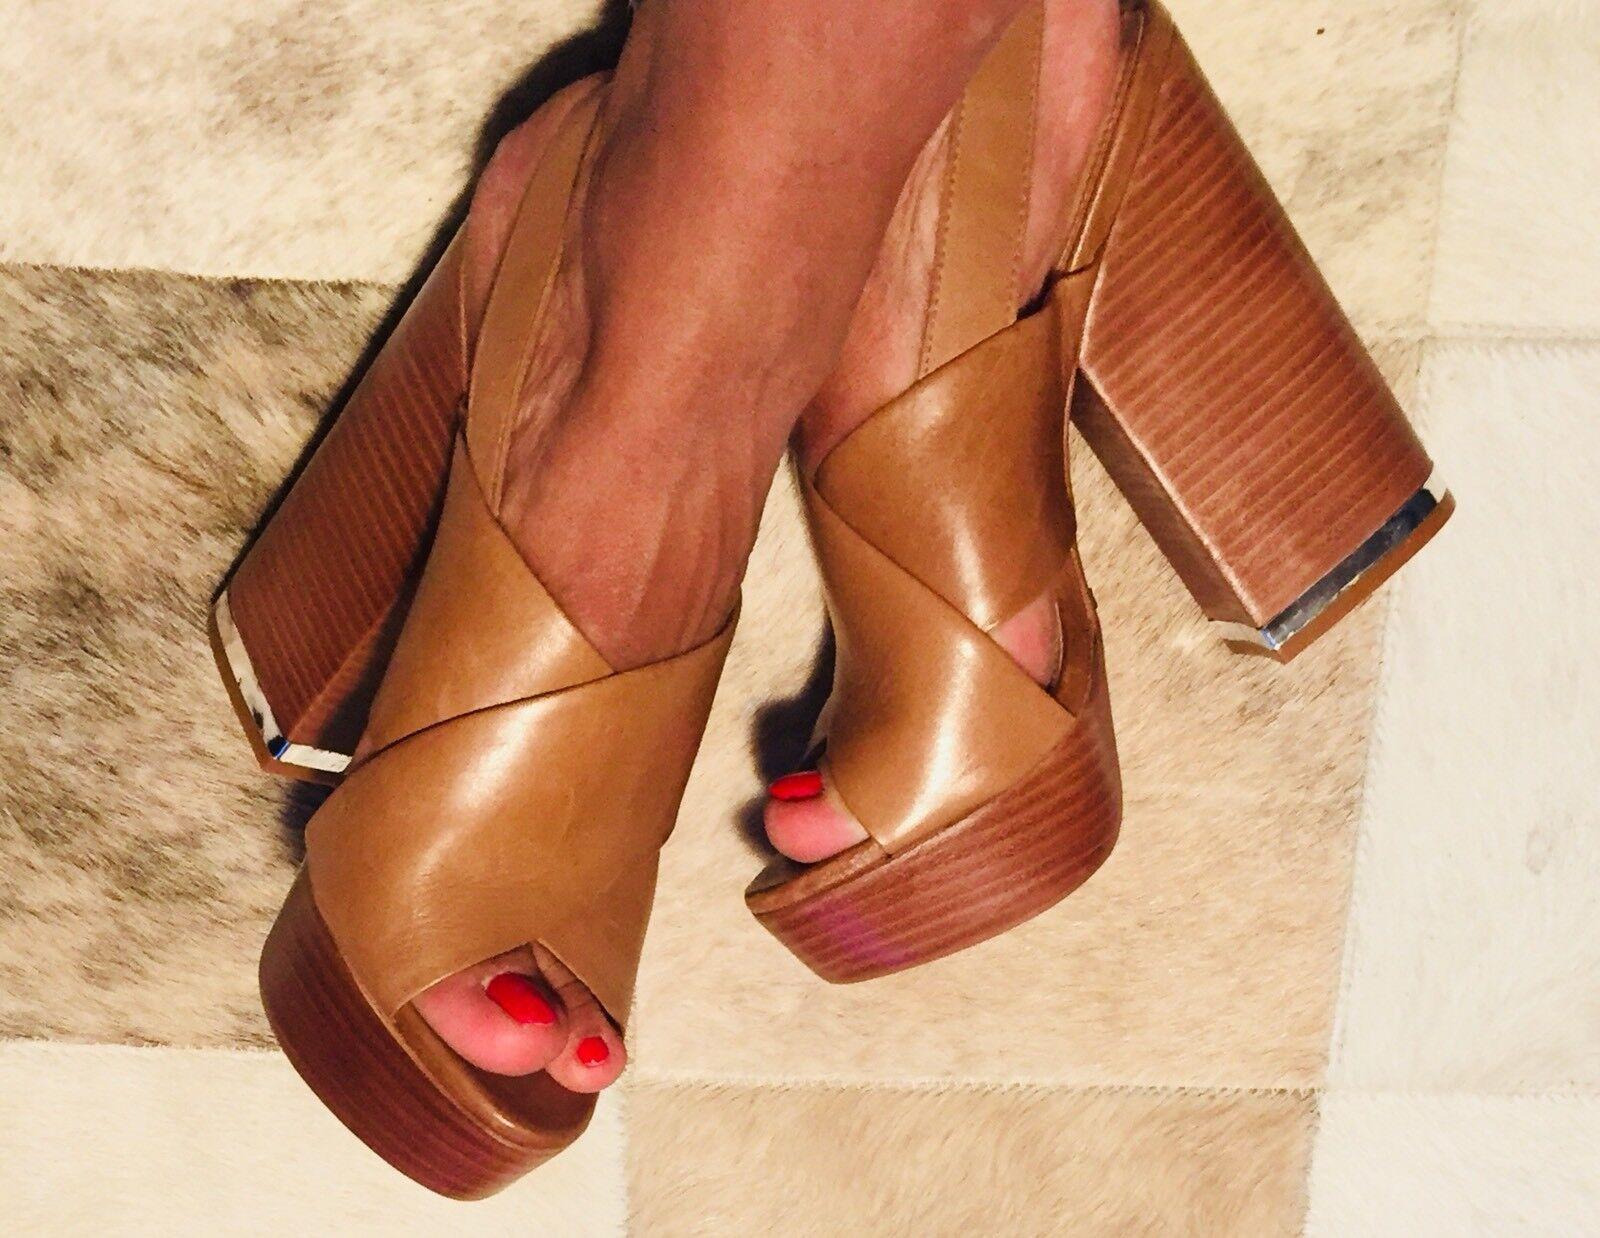 SCHUTZ Frauen Sandale mit Absatz Camel Damenschuhe   Schuhe Gr 37 Neu